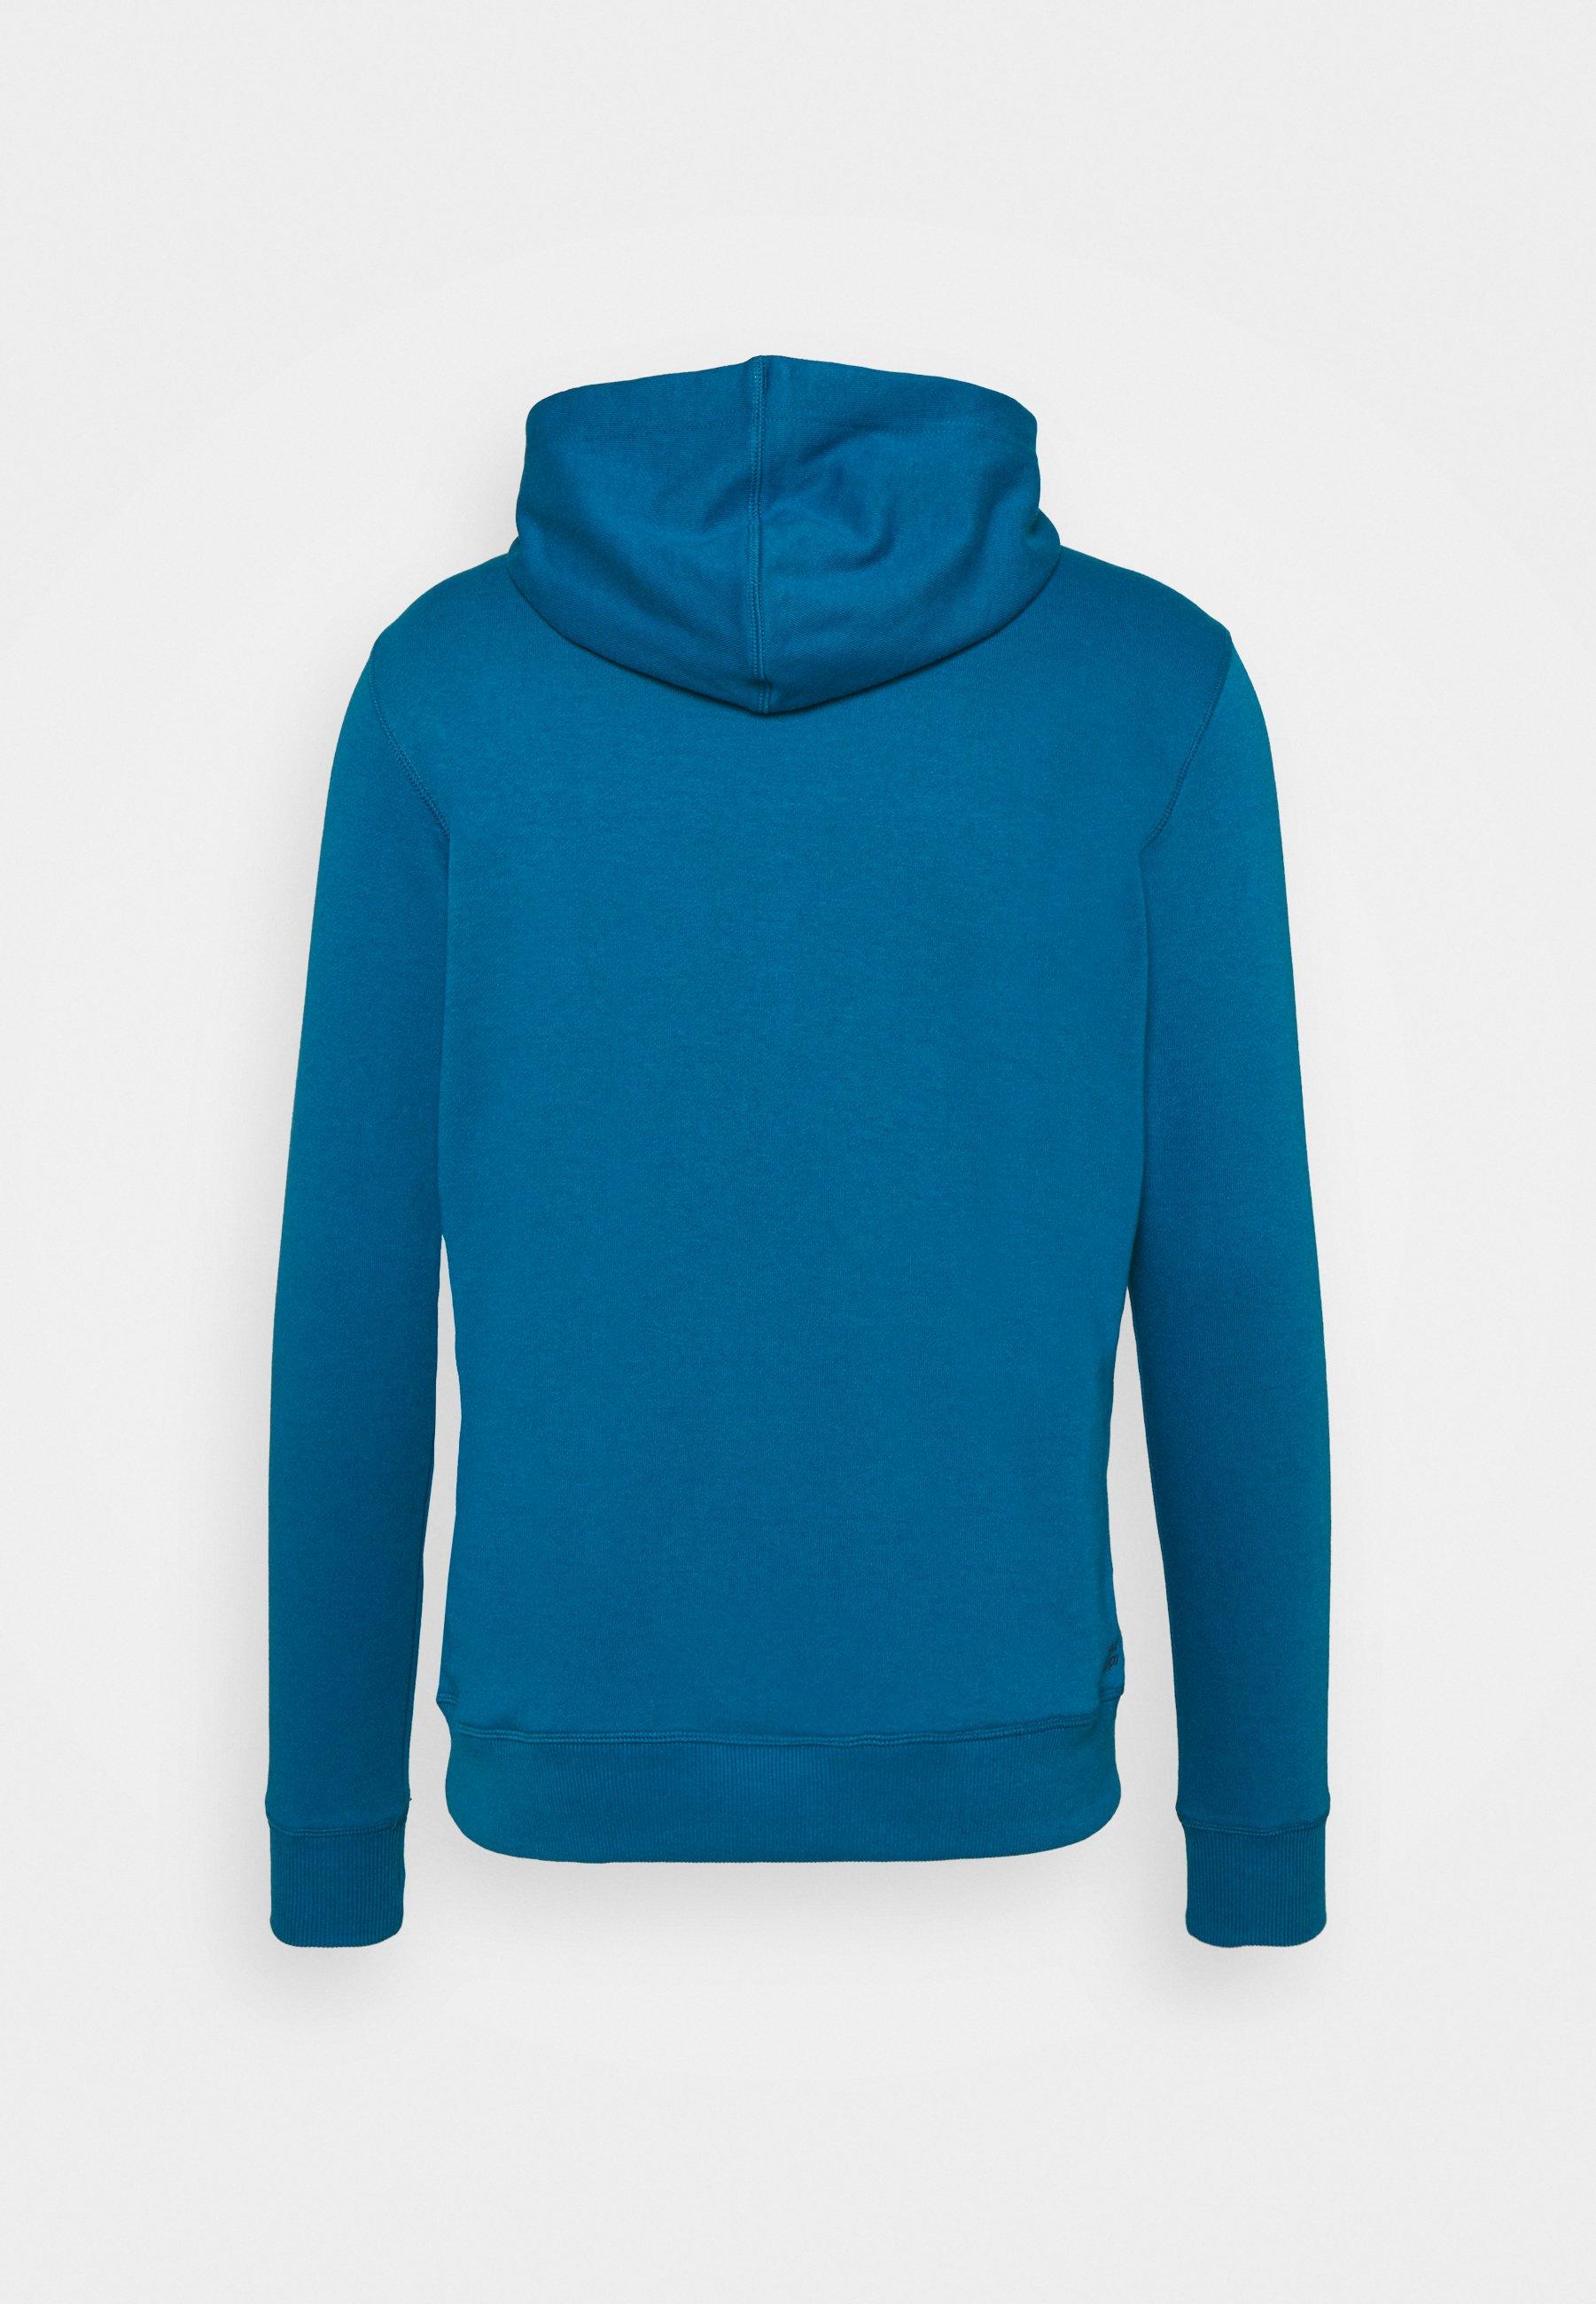 Herrer KHAN LIFESTYLE HOODY - Sweatshirts